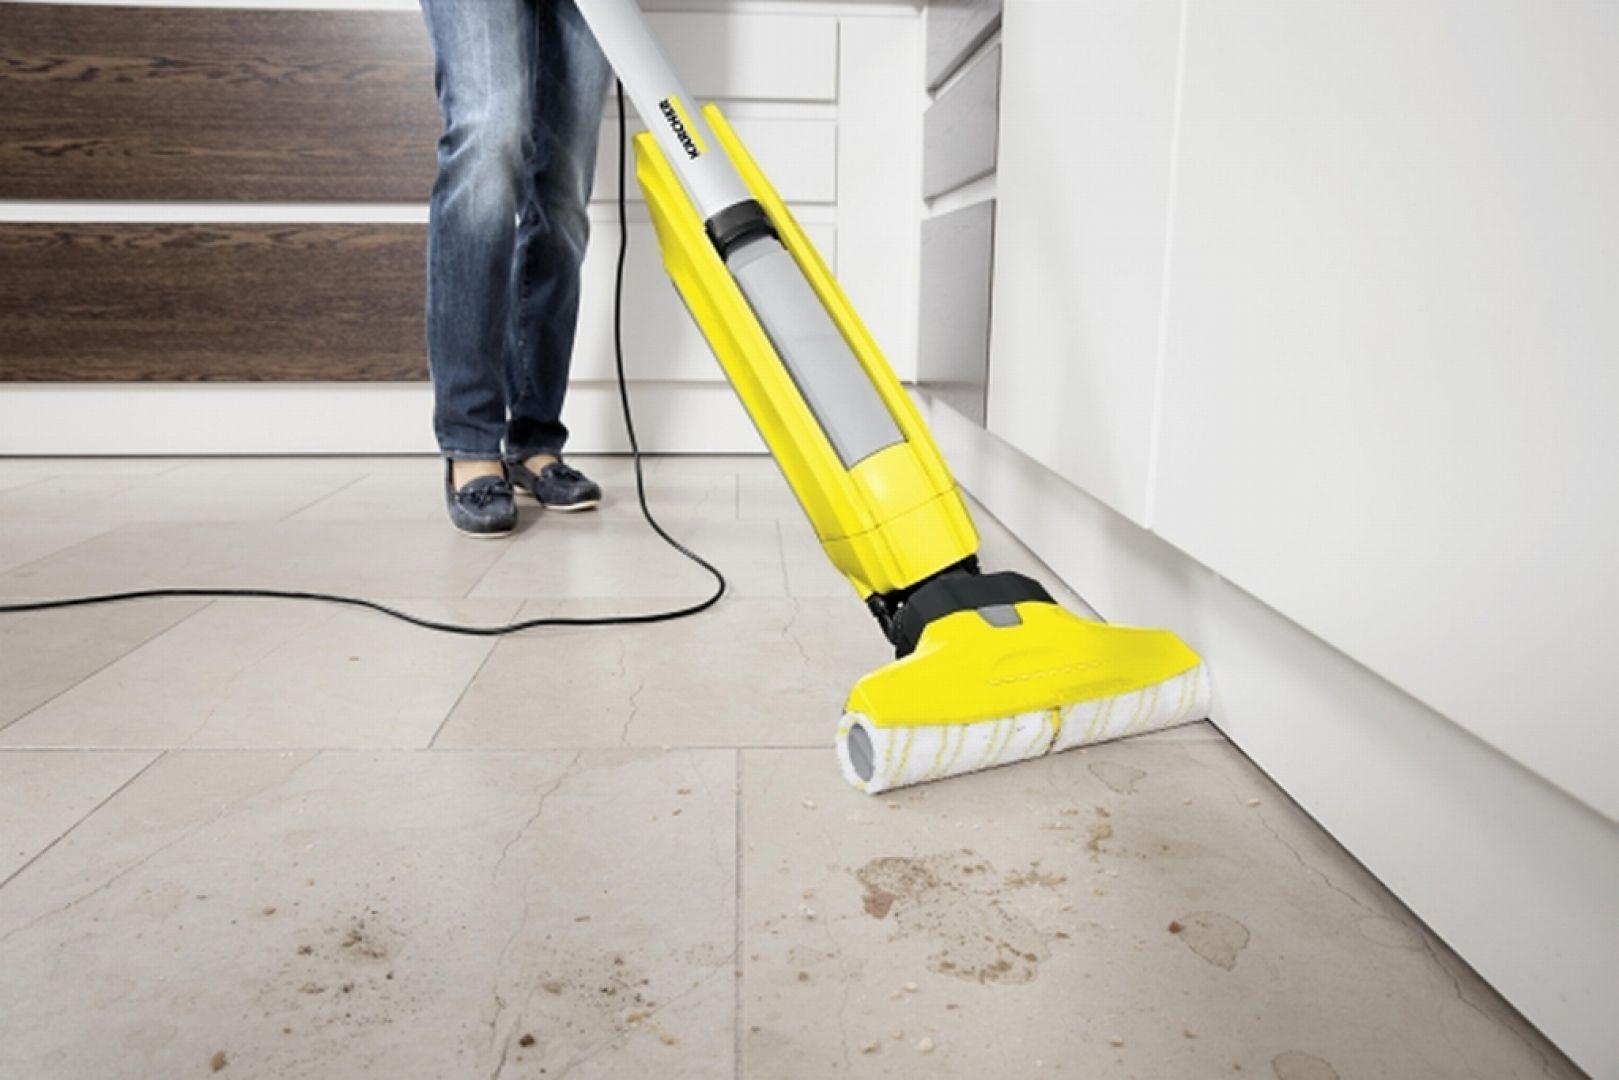 Na pytanie jakich sprzętów i pomocy najczęściej używasz do mycia i czyszczenia podłóg (kamienne posadzki, płytki ceramiczne, posadzki typu PVC, linoleum, podłogi korkowe i drewniane, laminowane panele)?, najwięcej bo aż 56% polskich gospodarstw korzysta z odkurzacza,  42% z mopa z systemem wyżymania i 42% z mopa bez systemu wyżymania (do wyciskania ręcznego), 30% ze zwykłych szmat i 23% z ręczników papierowych. Fot. Kärcher